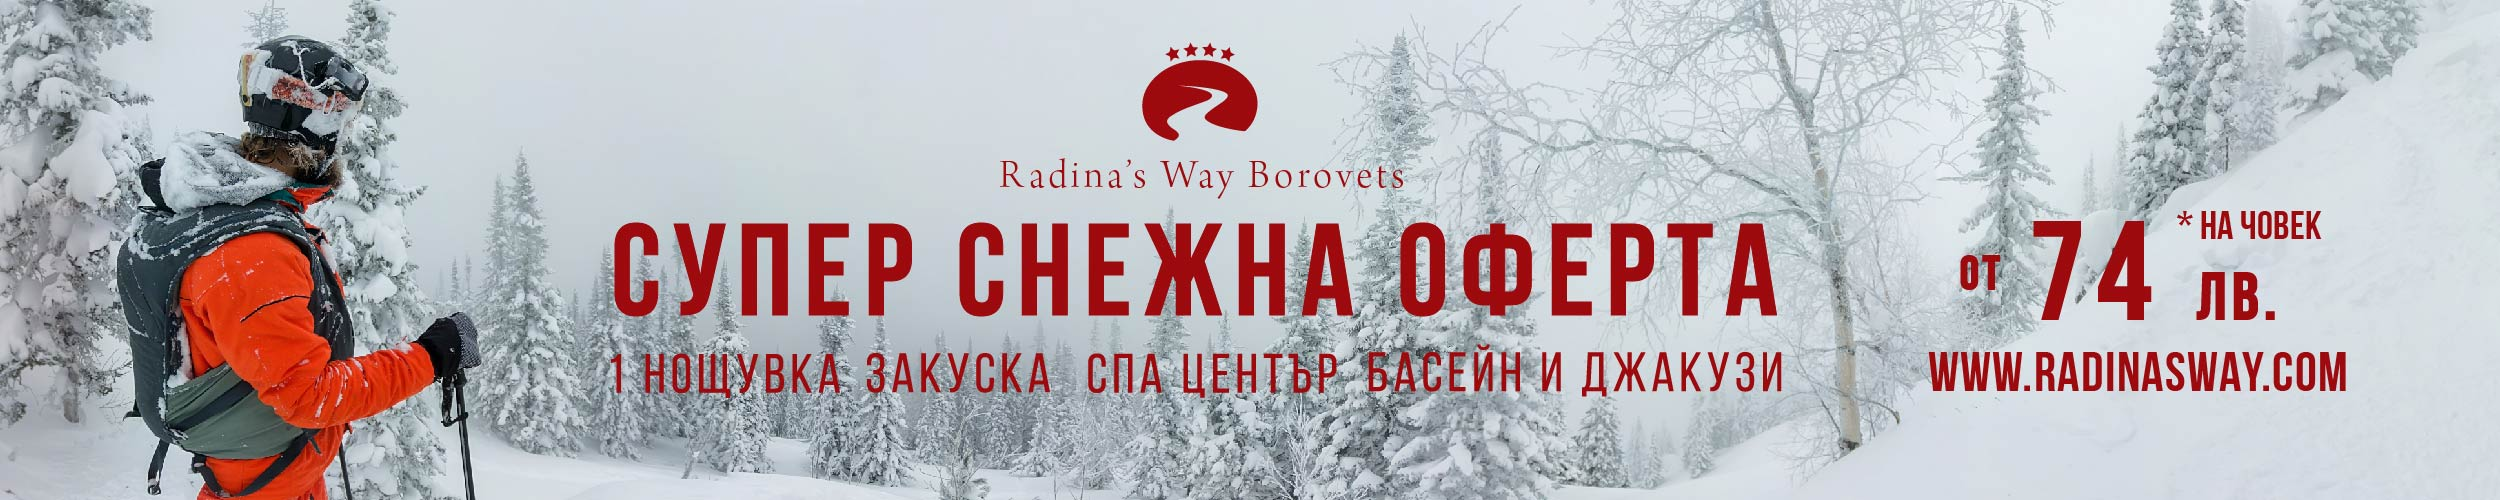 Хотел Радинас Уей Боровец